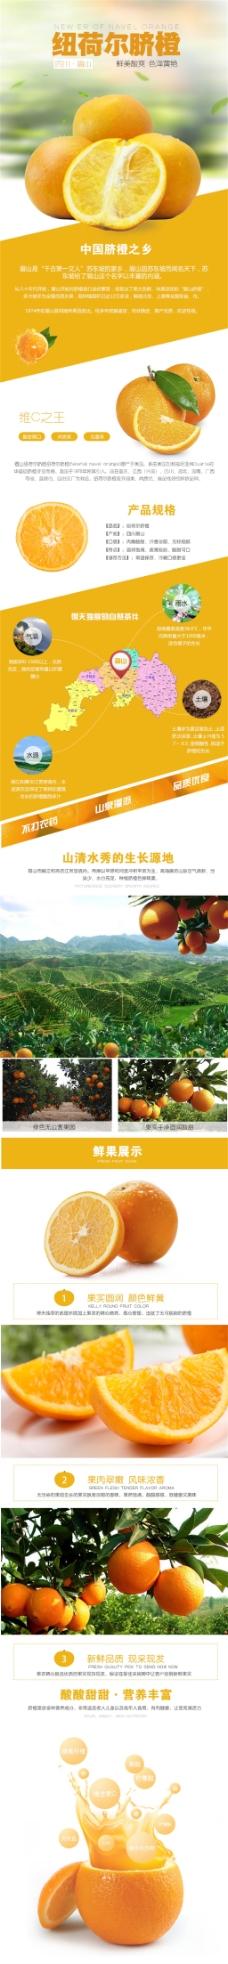 橙子详情页面